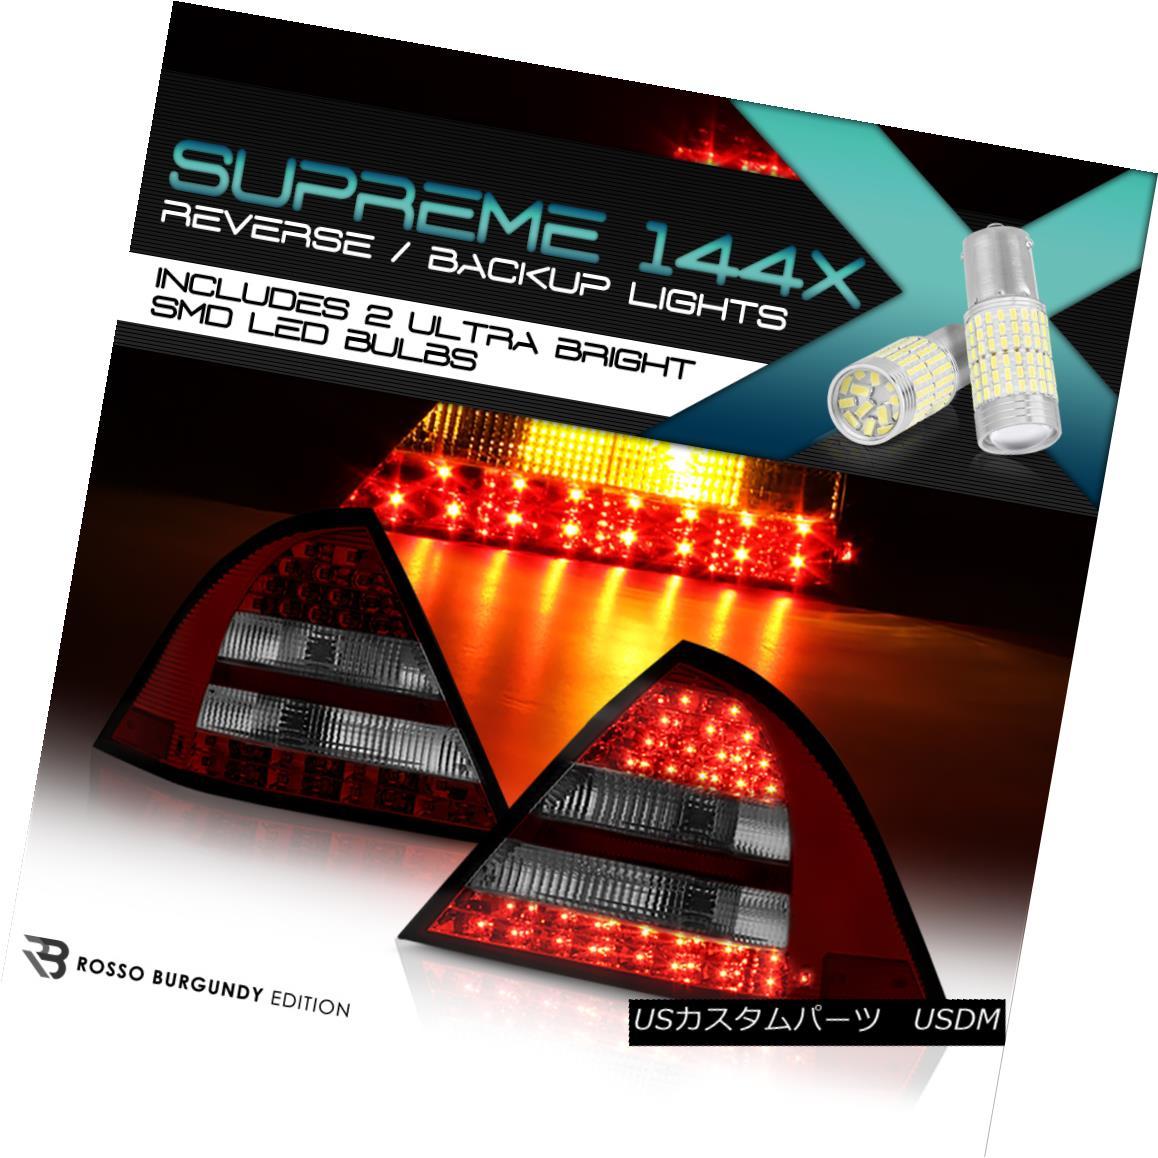 テールライト Full SMD Reverse MBenz W203 C-Class 05-07 Super Bright LED Taillamp Brake Signal フルSMDリバースMBenz W203 Cクラス05-07スーパーブライトLEDタイルランプブレーキ信号